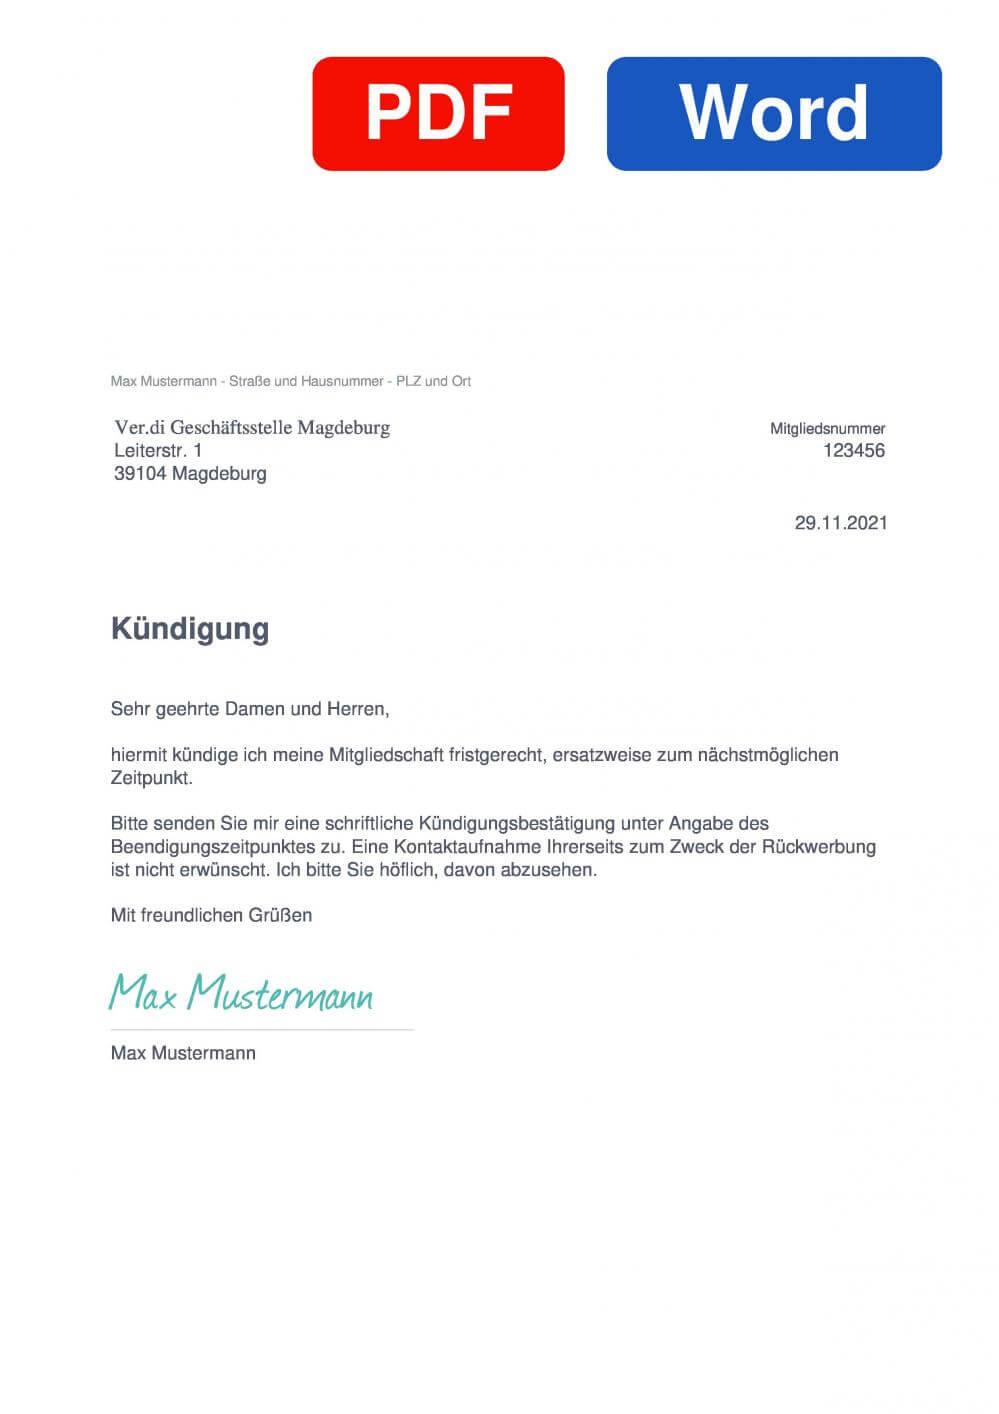 Verdi Magdeburg Muster Vorlage für Kündigungsschreiben